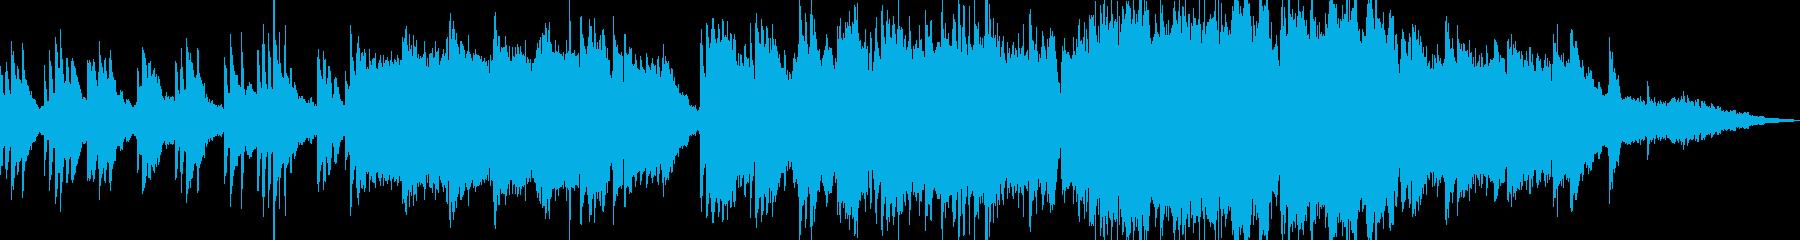 【ドラム無し】バラード・ピアノ・透明感の再生済みの波形